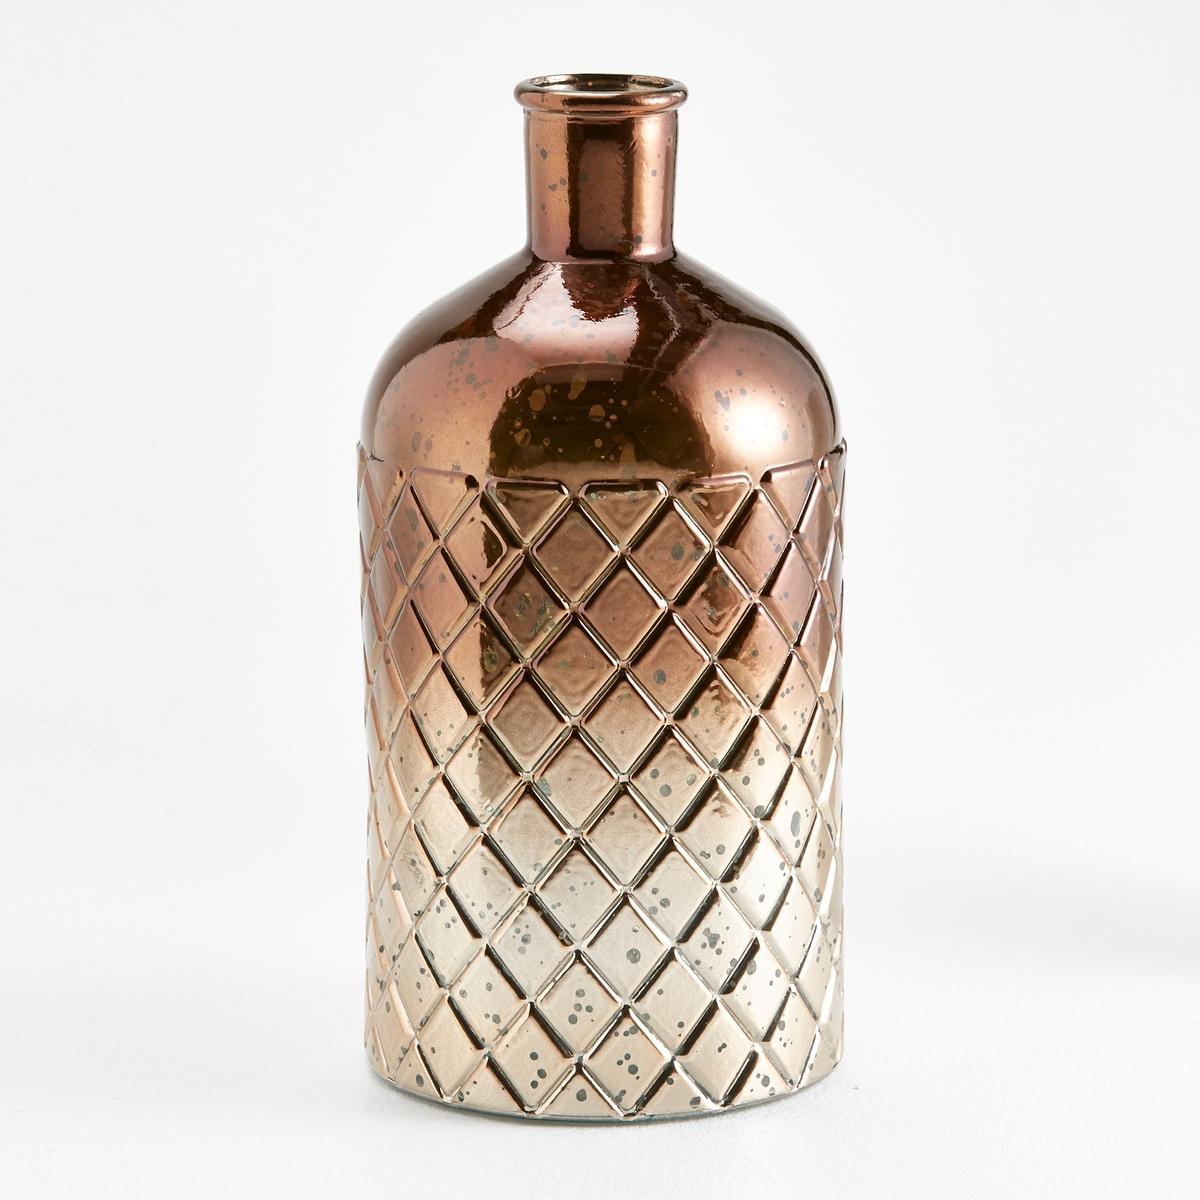 Ваза в форме бутыли с выгравированным бриллиантом, GitterХарактеристики вазы-бутыли Gitter :Из вторичного стекла с выгравированным бриллиантом.Размеры вазы-бутыли Gitter :Высота : 28 смДиаметр : 14 см.<br><br>Цвет: золотисто-каштановый